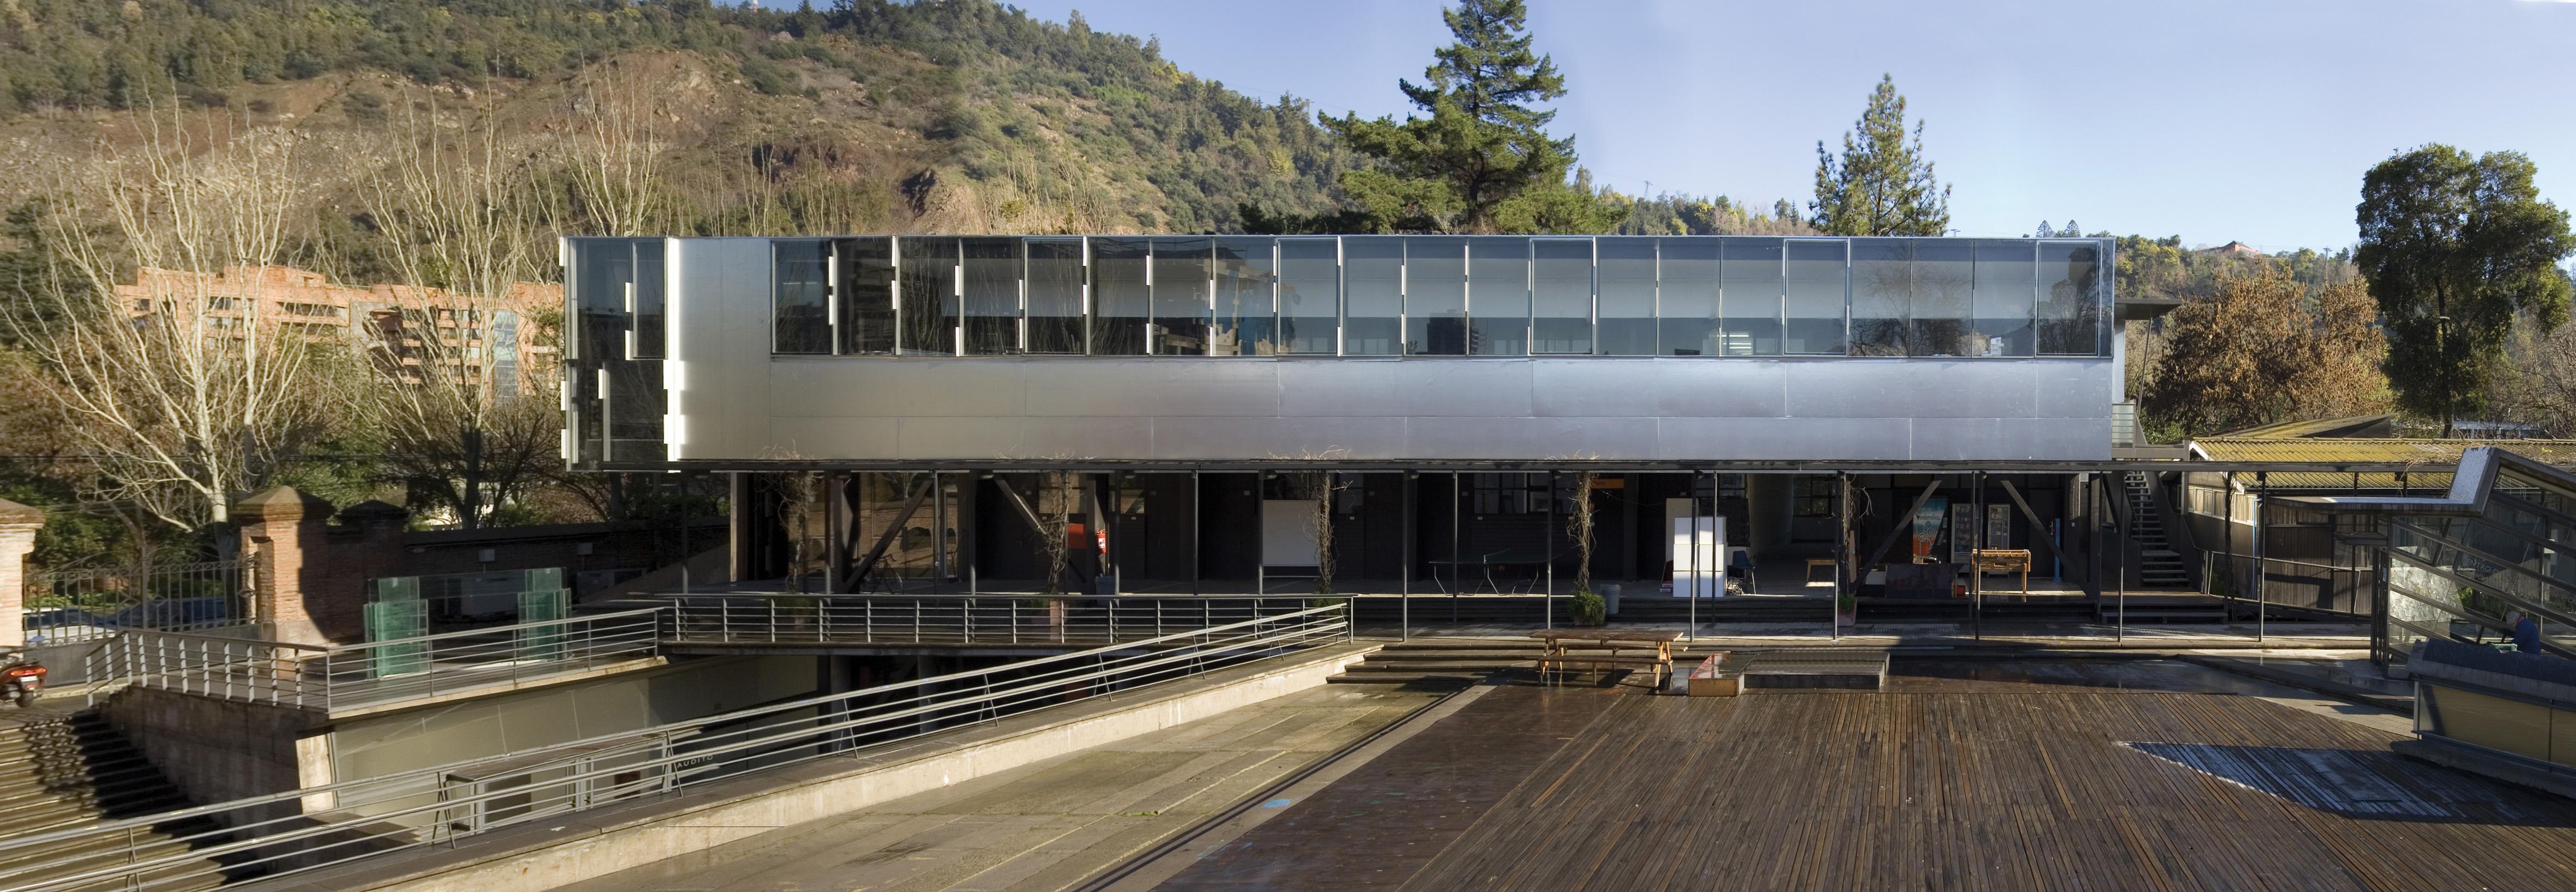 Las obras m s famosas de alejandro aravena el arquitecto for Universidades para arquitectura